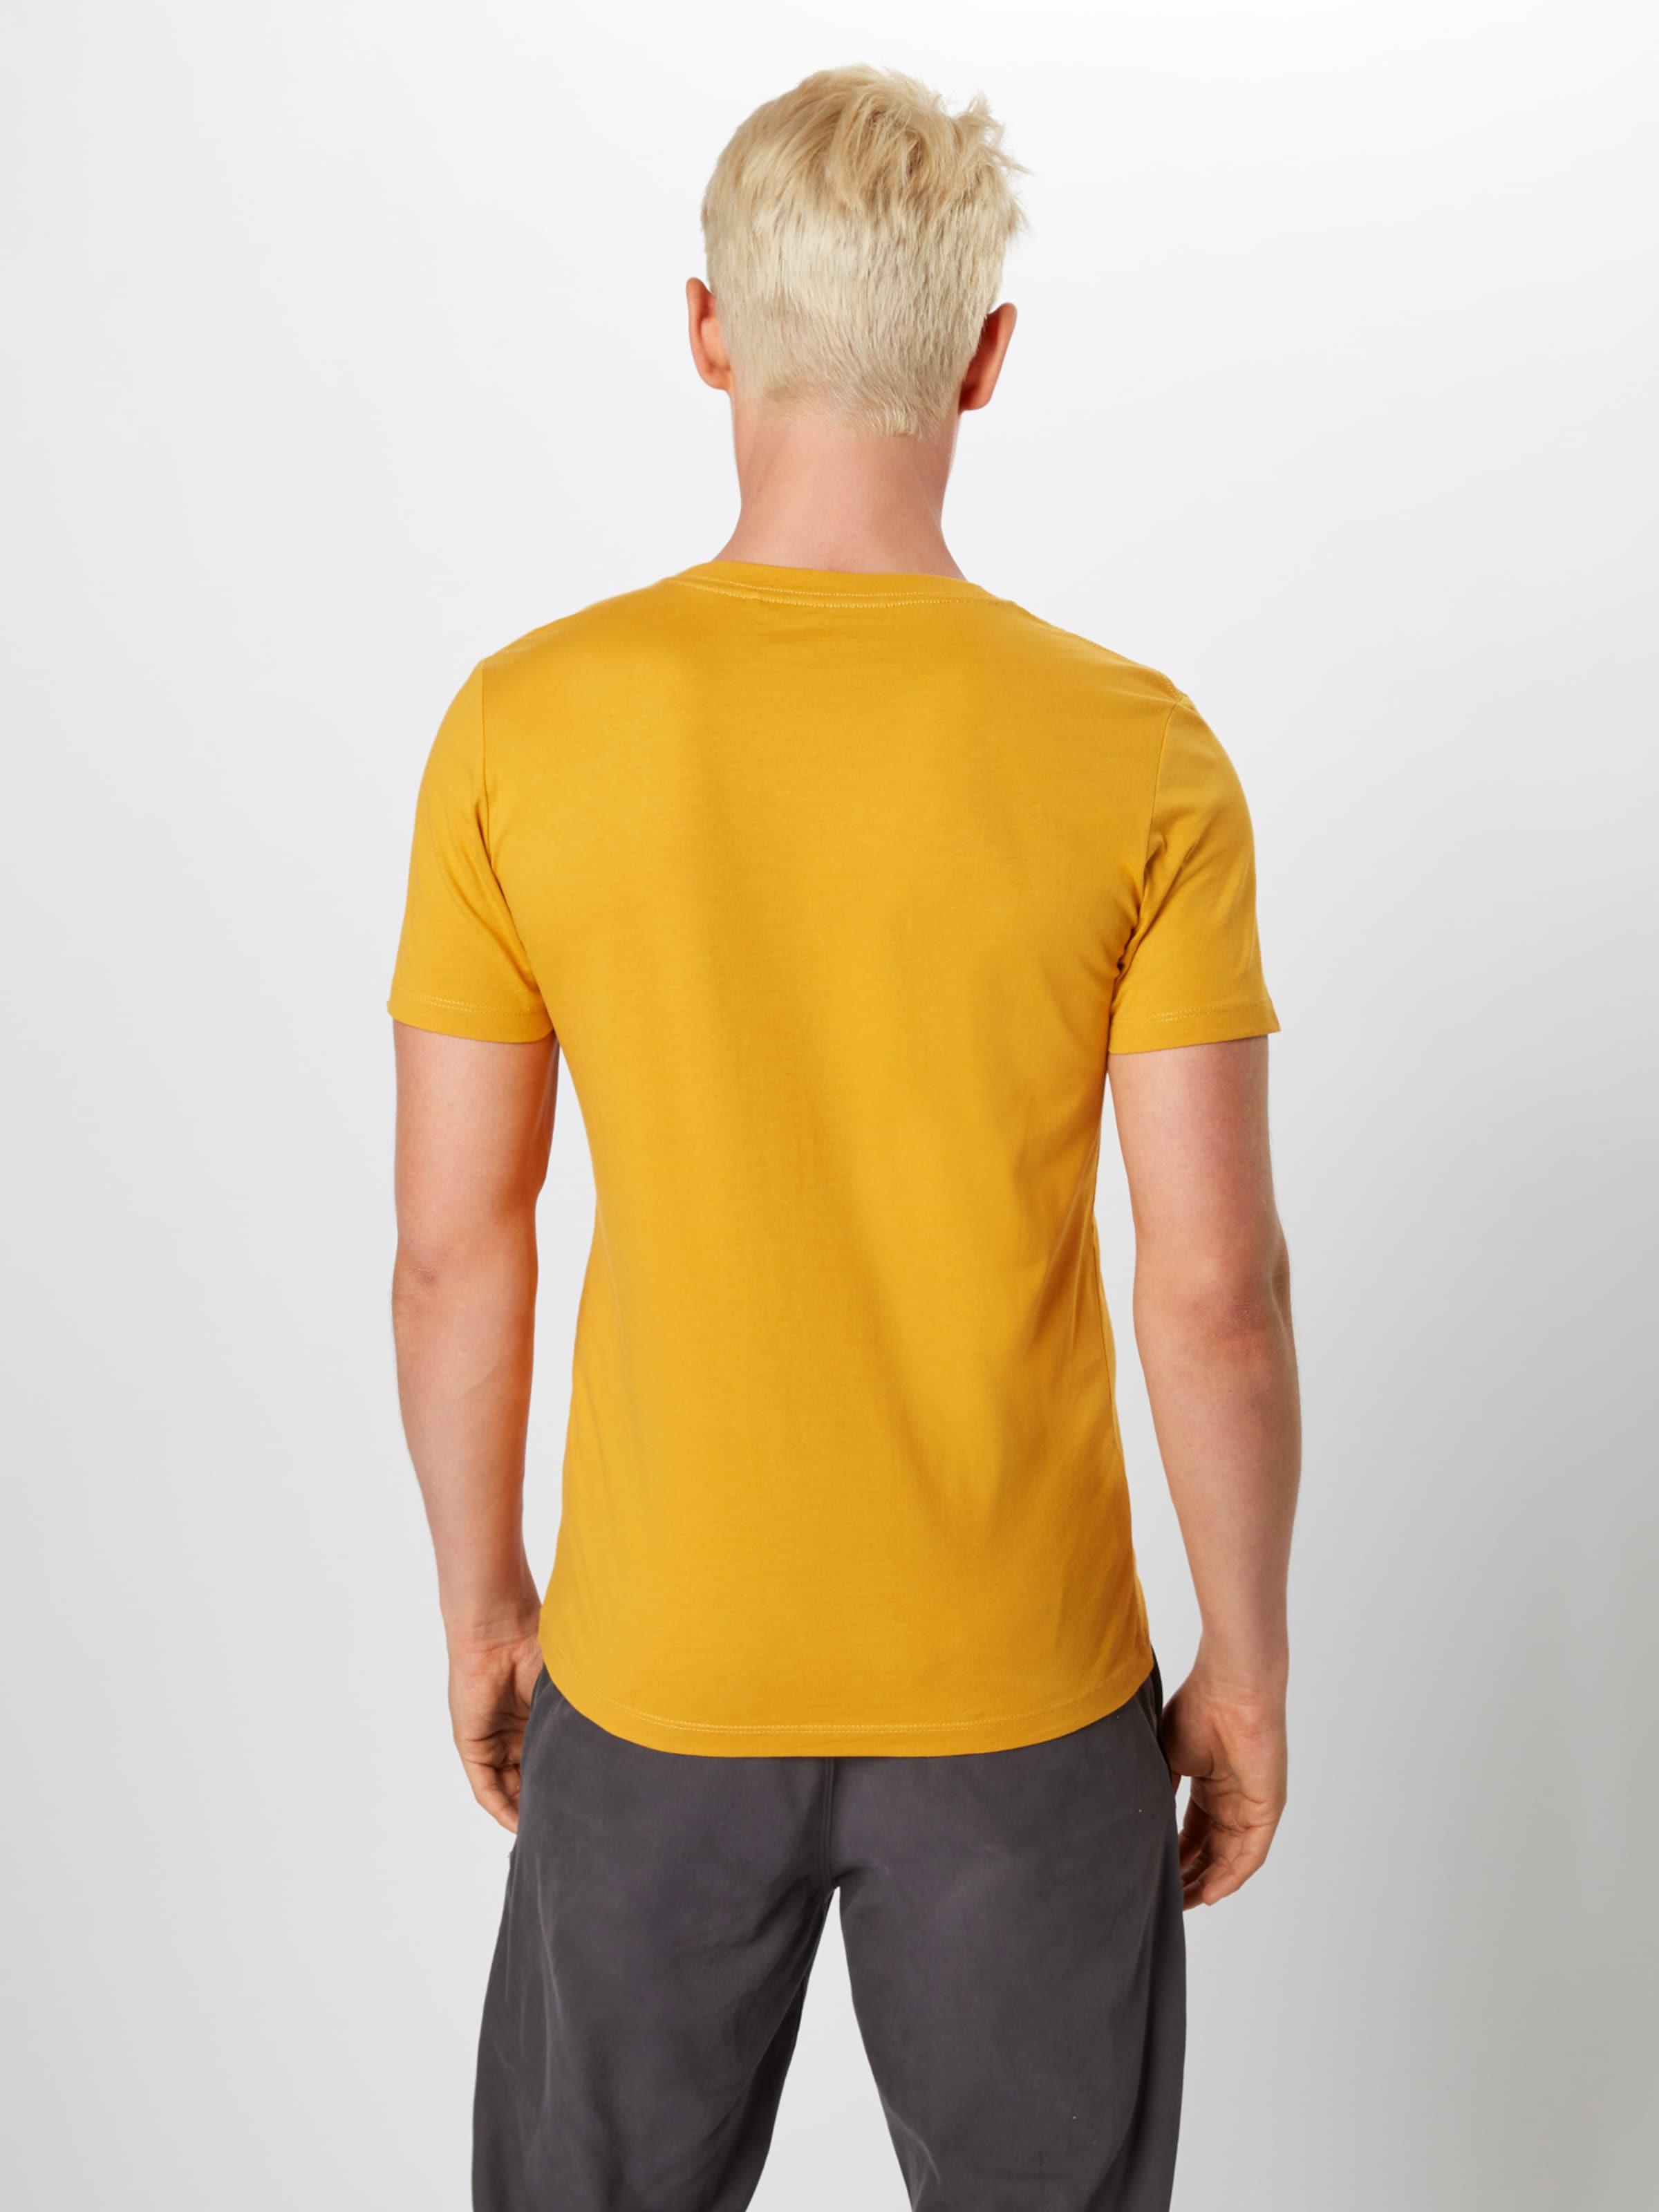 shirt In Red oliver Label T S MischfarbenOrange nP80wkOX